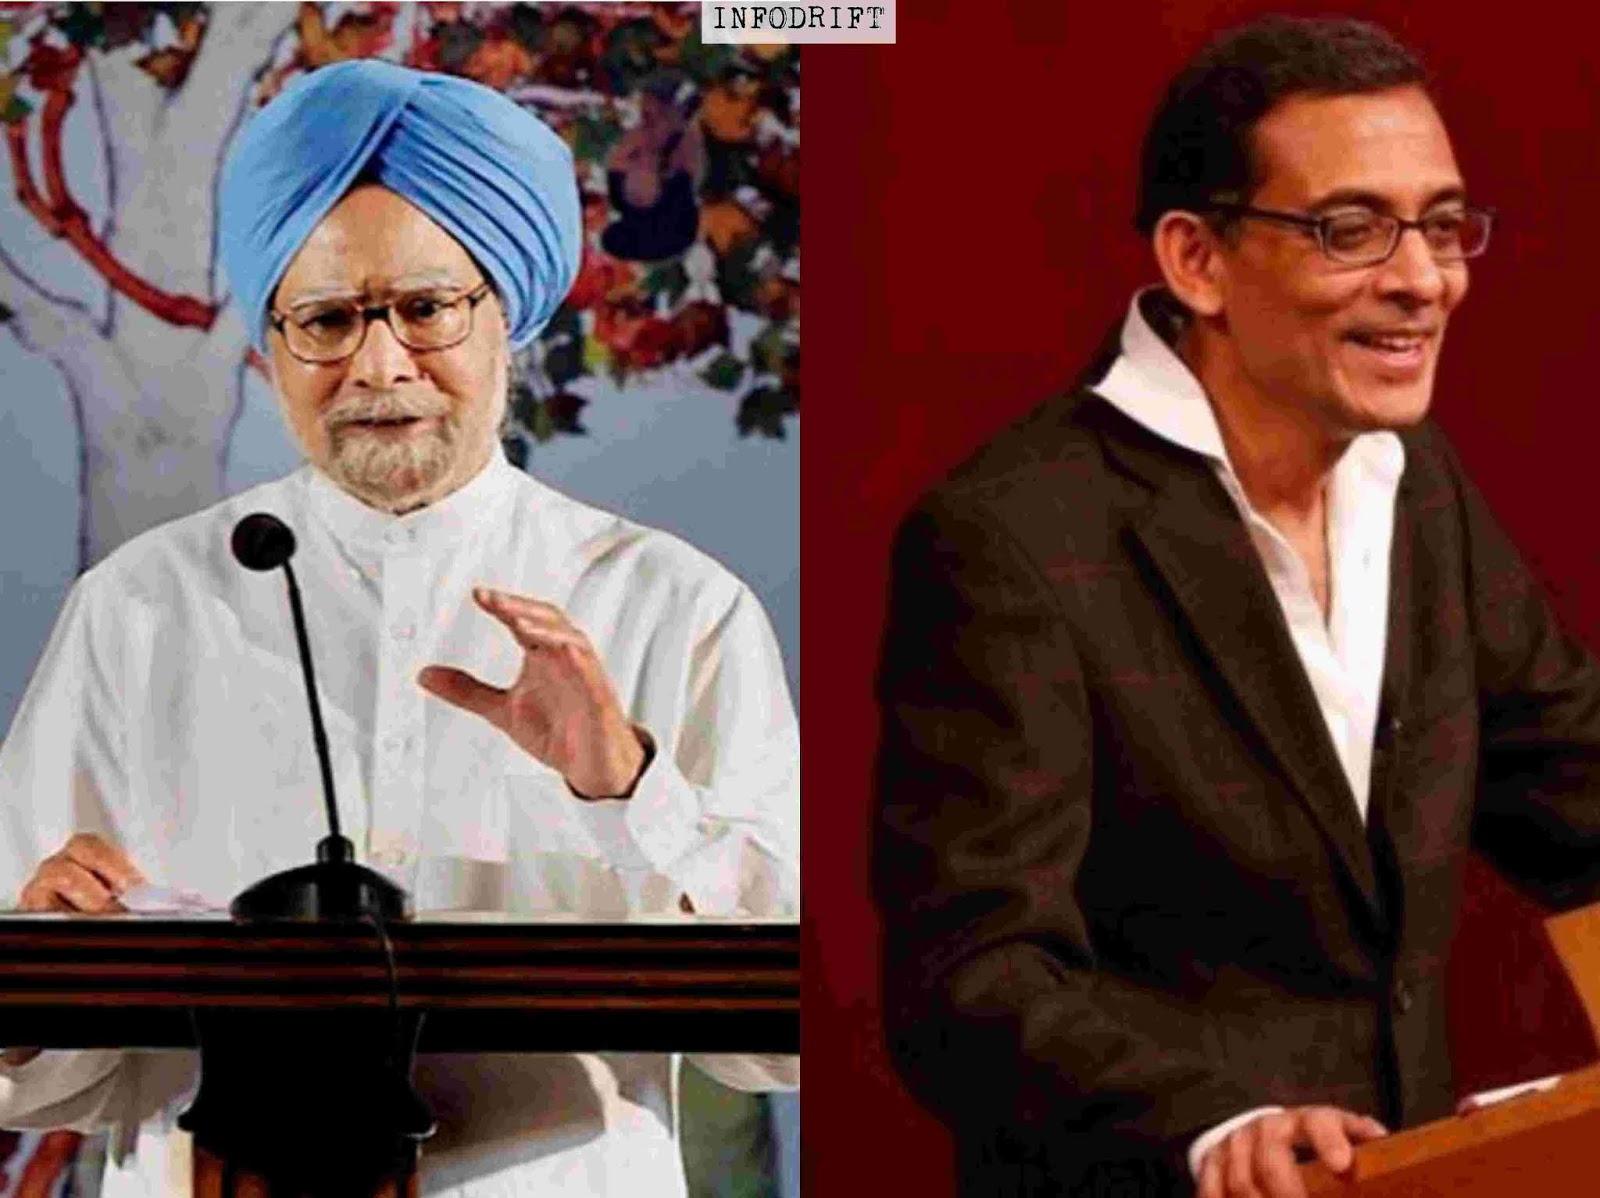 Dr. Abhijit Banerjee and Dr. Manmohan Singh